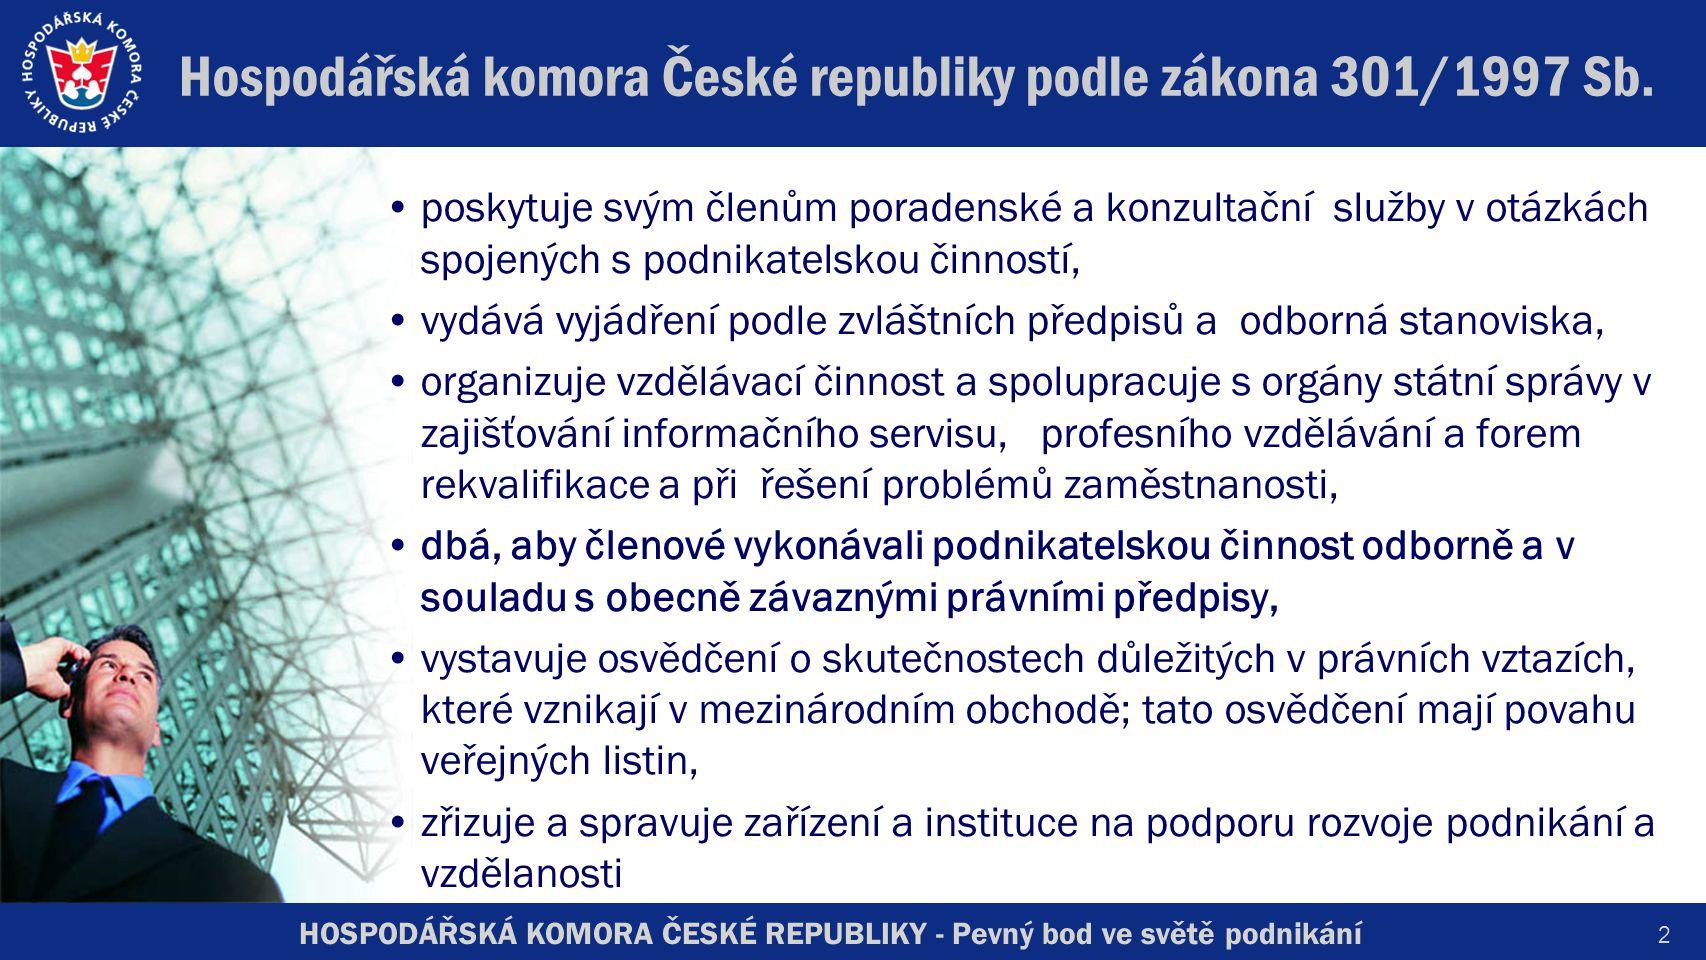 HOSPODÁŘSKÁ KOMORA ČESKÉ REPUBLIKY - Pevný bod ve světě podnikání Děkuji za pozornost.